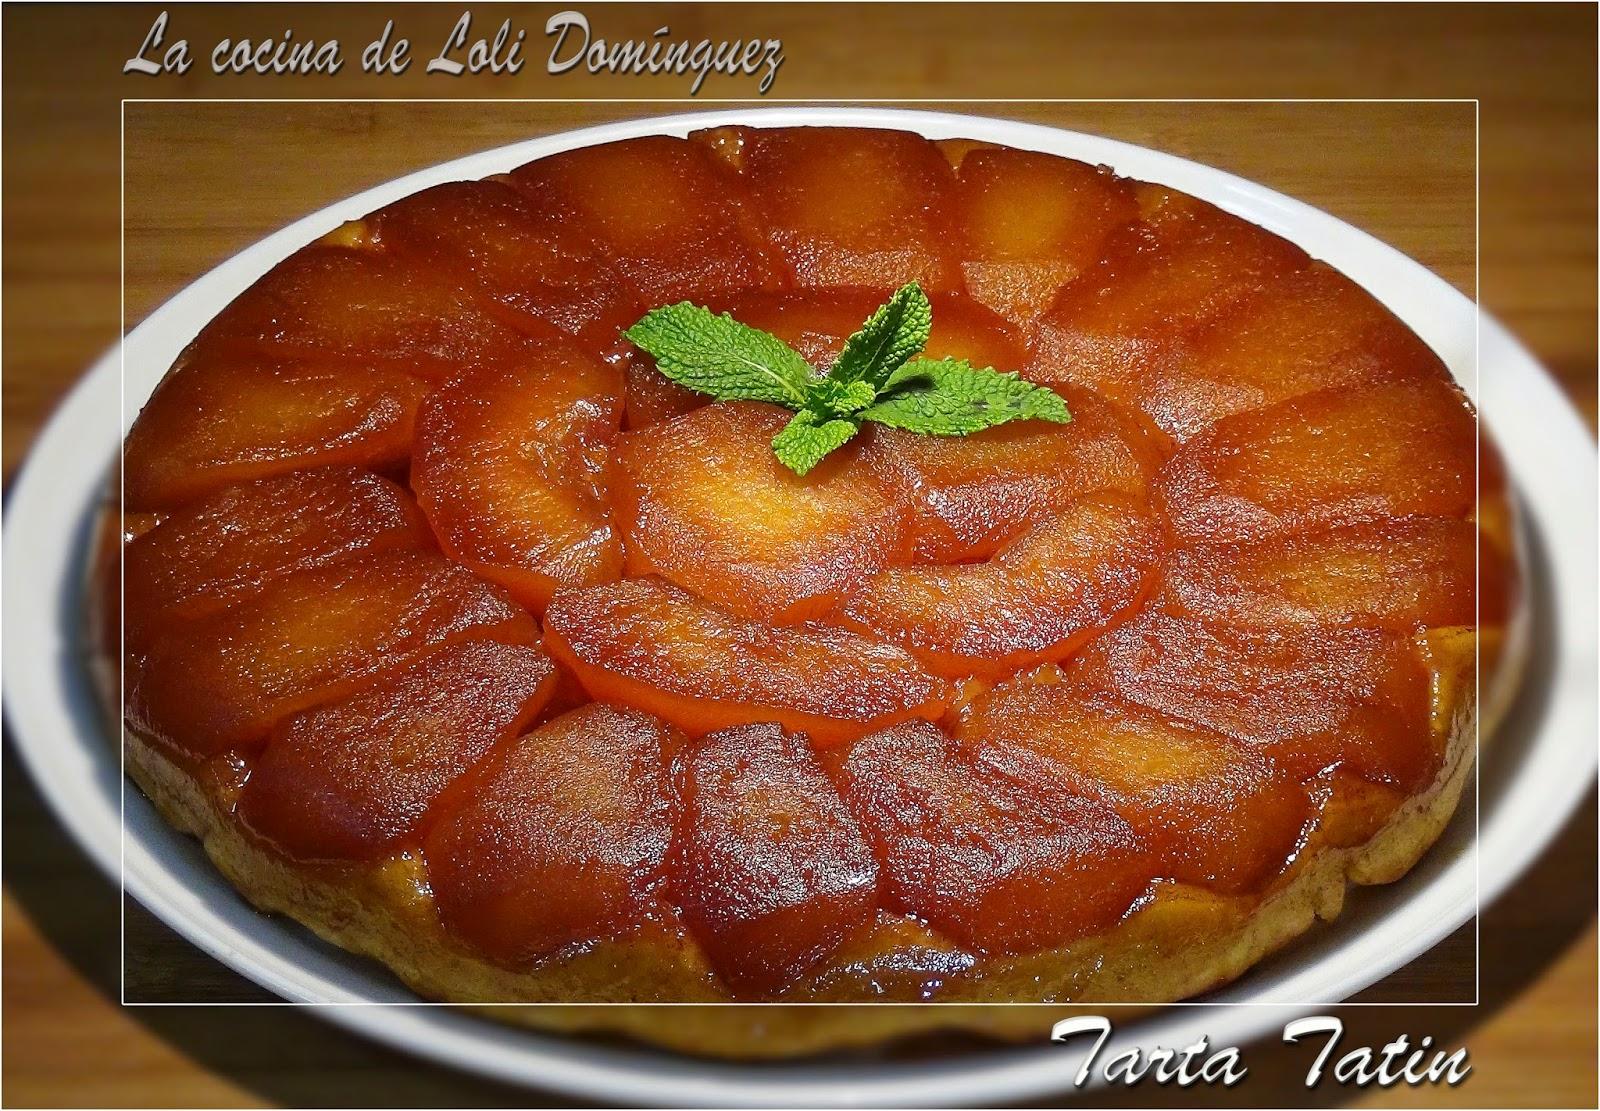 La cocina de loli dom nguez tarta tatin for Lavarropas en la cocina